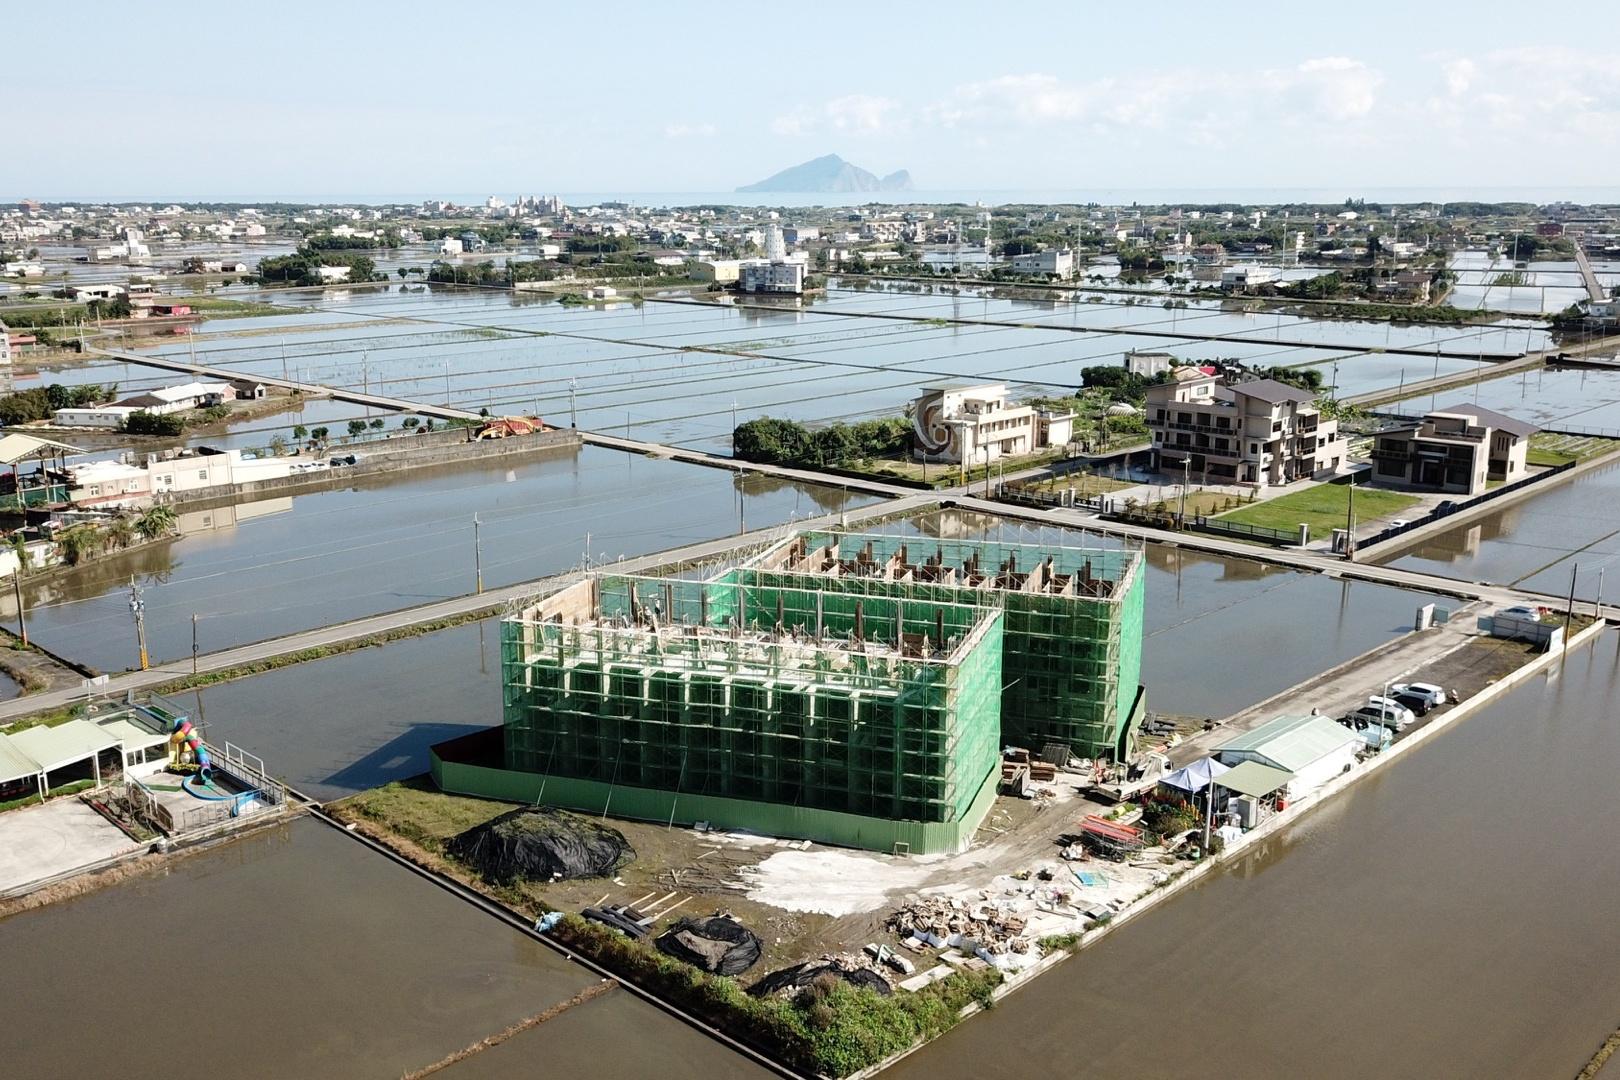 德築-DEZU-project-Zutian-architecture-real-estate-engineering-16